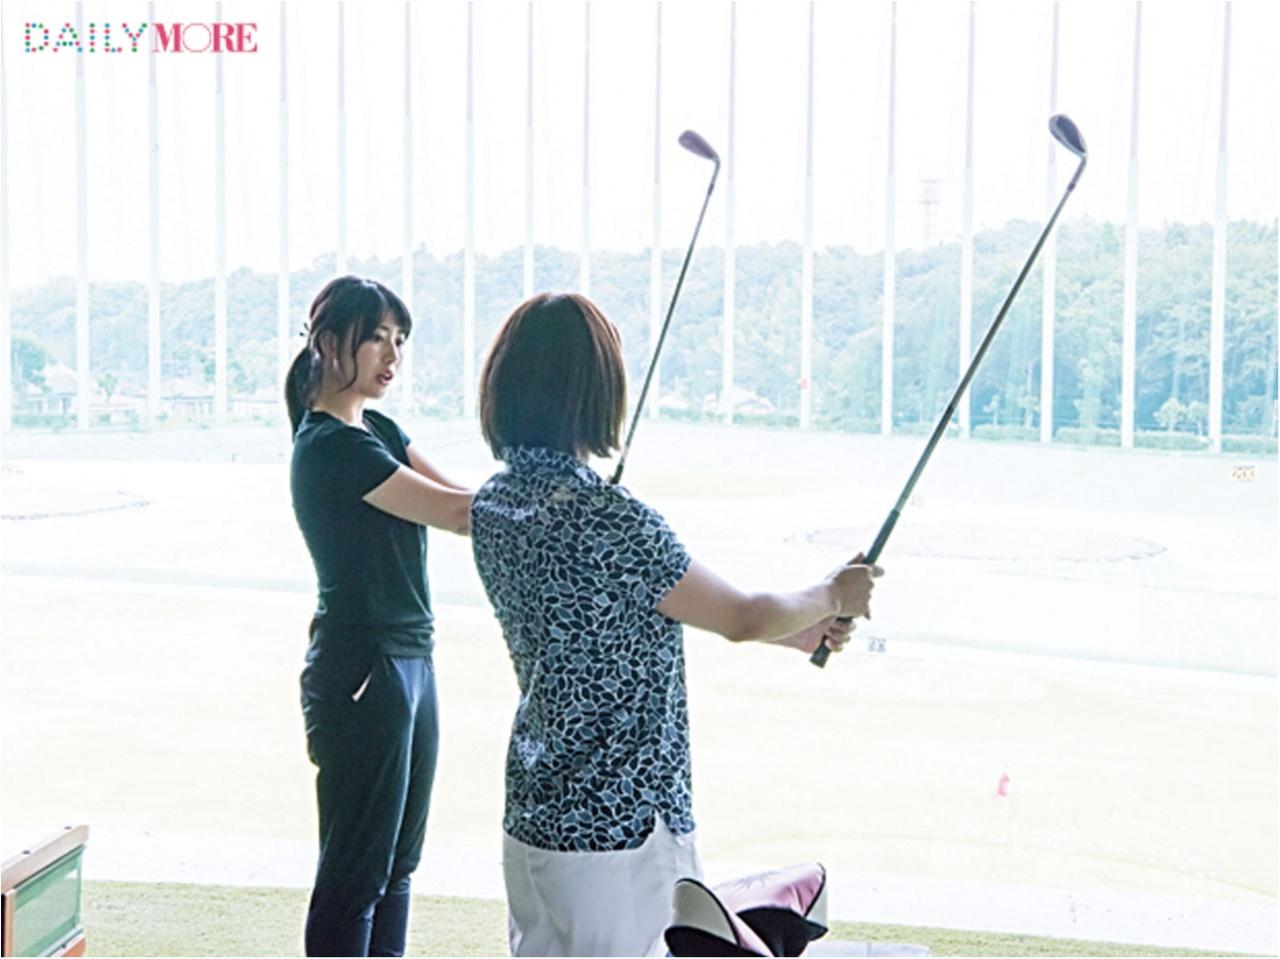 【動画もチェック!】 プロコーチのレッスンで、スイングをレベルアップ!【#モアチャレ ゴルフ100台チャレンジ】_2_2